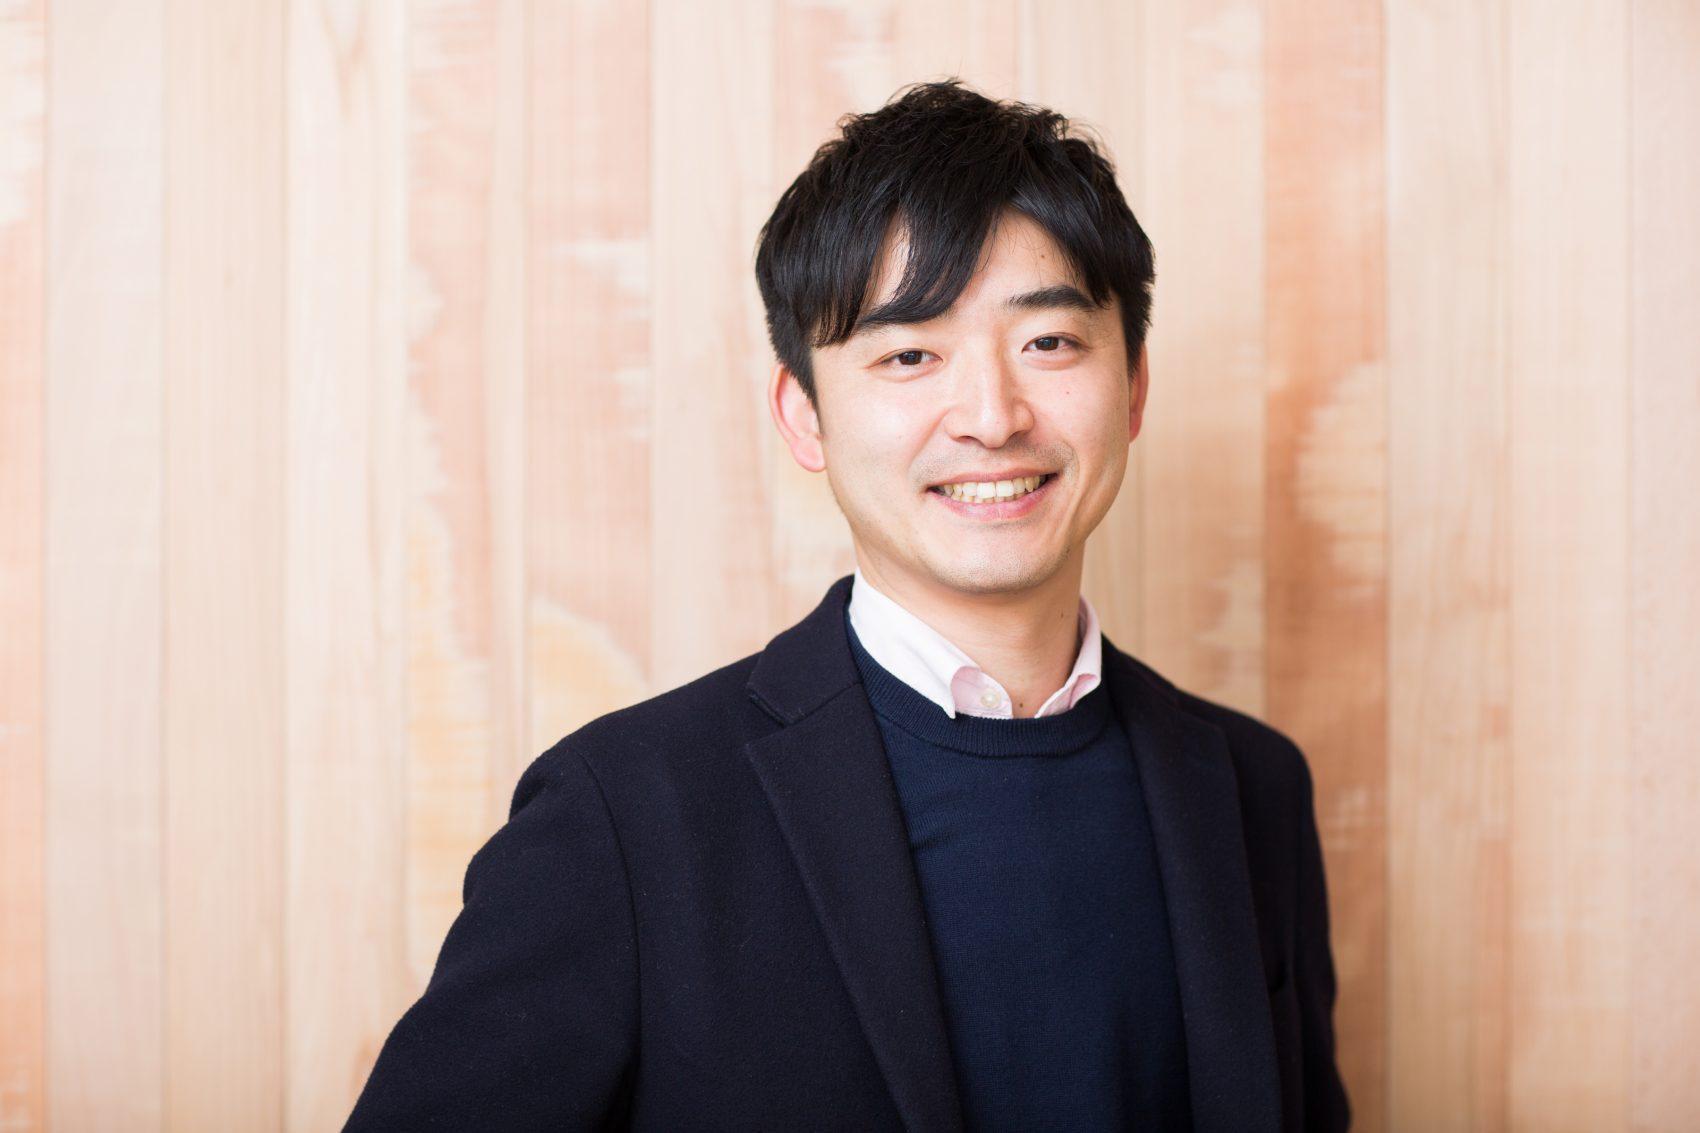 坪井 祐二 / Yuji Tsuboi